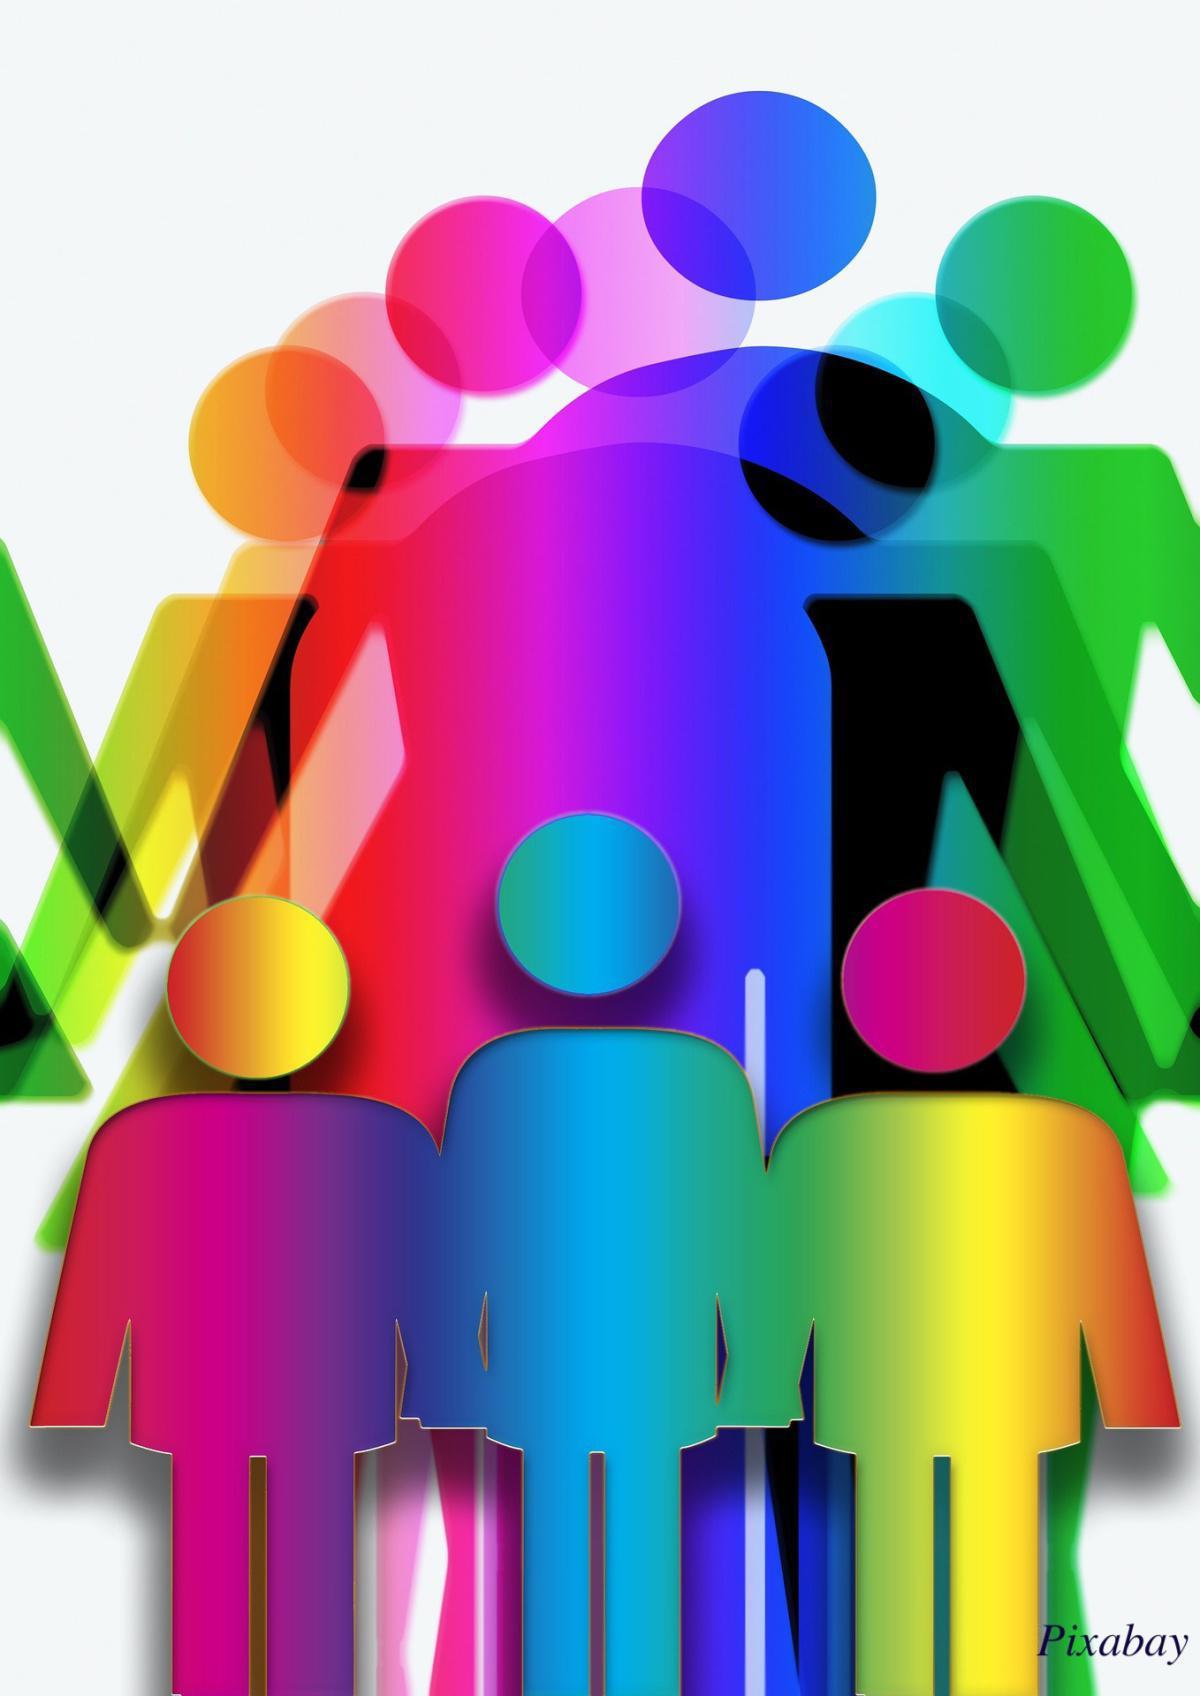 La FGF-FO exige le maintien de la solidarité inter-générationnelle